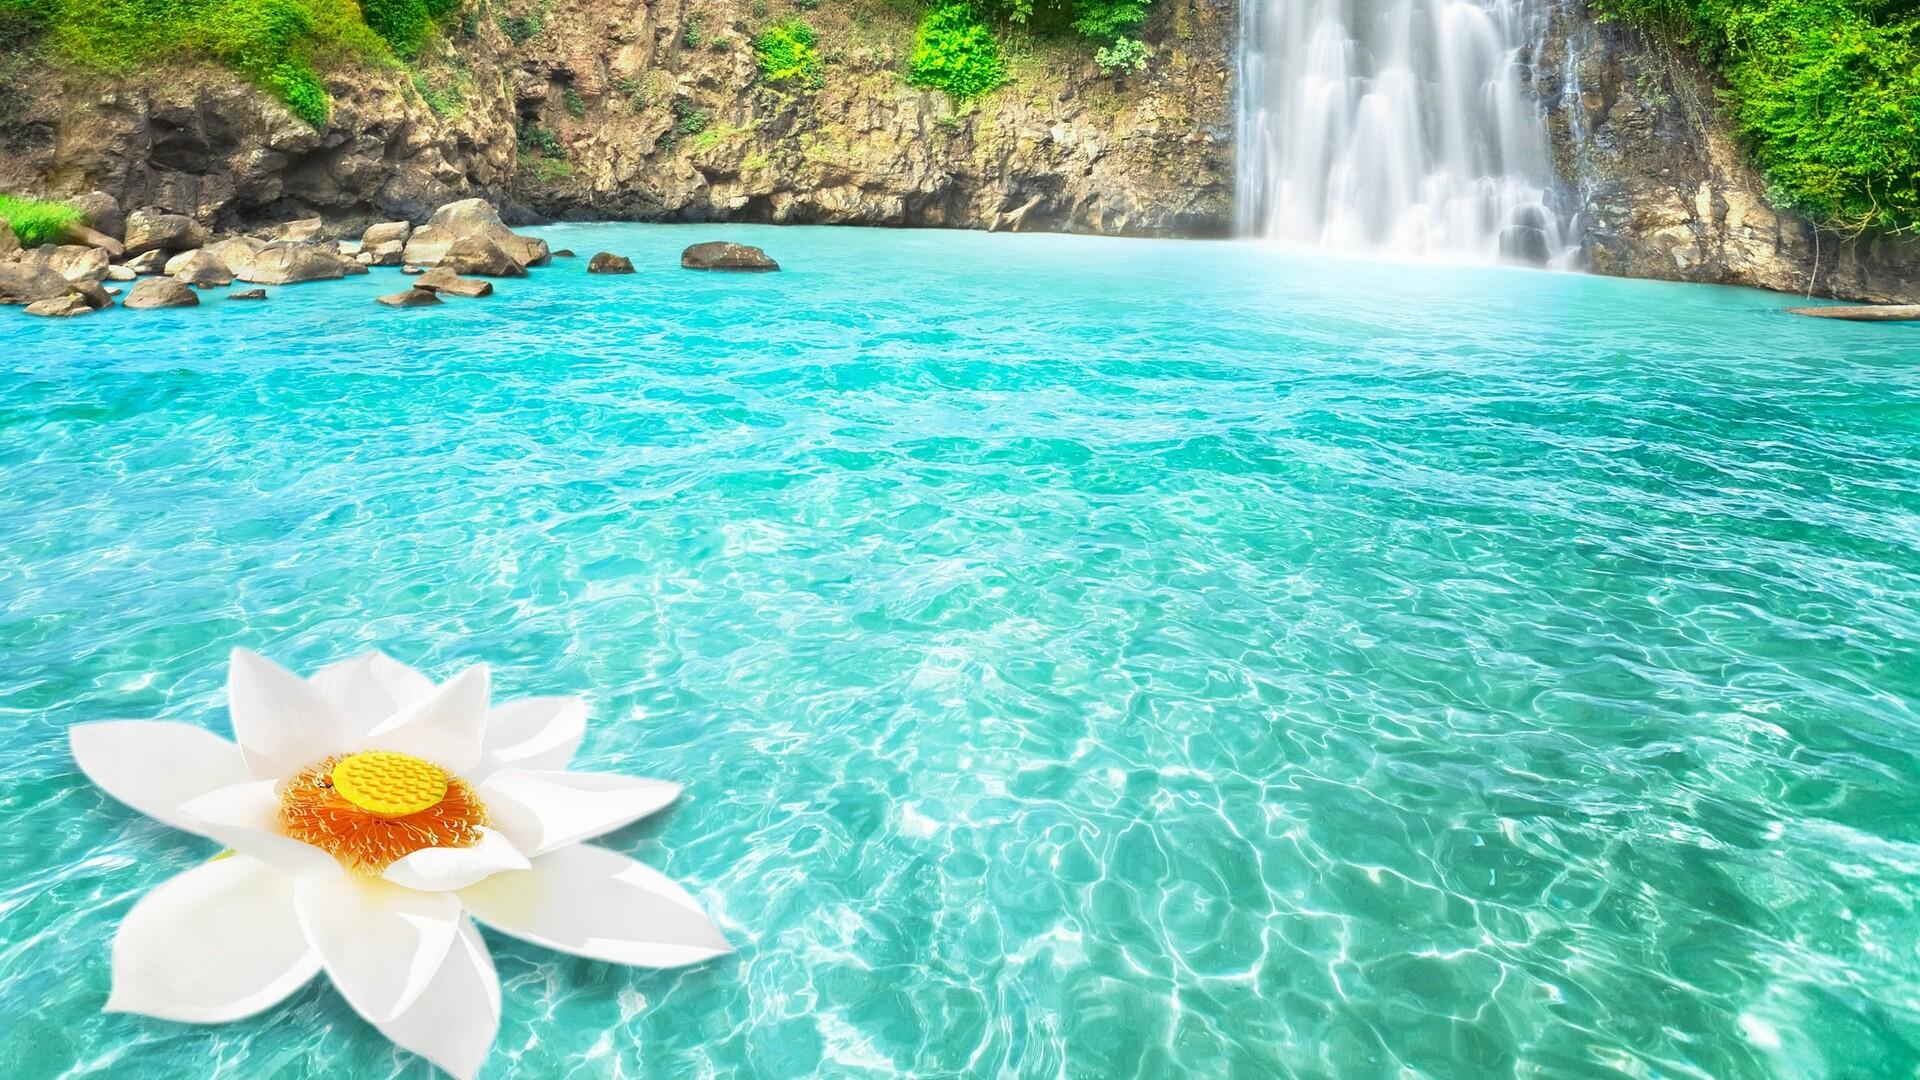 1920x1080 waterfall flowers laptop full hd 1080p hd 4k wallpapers